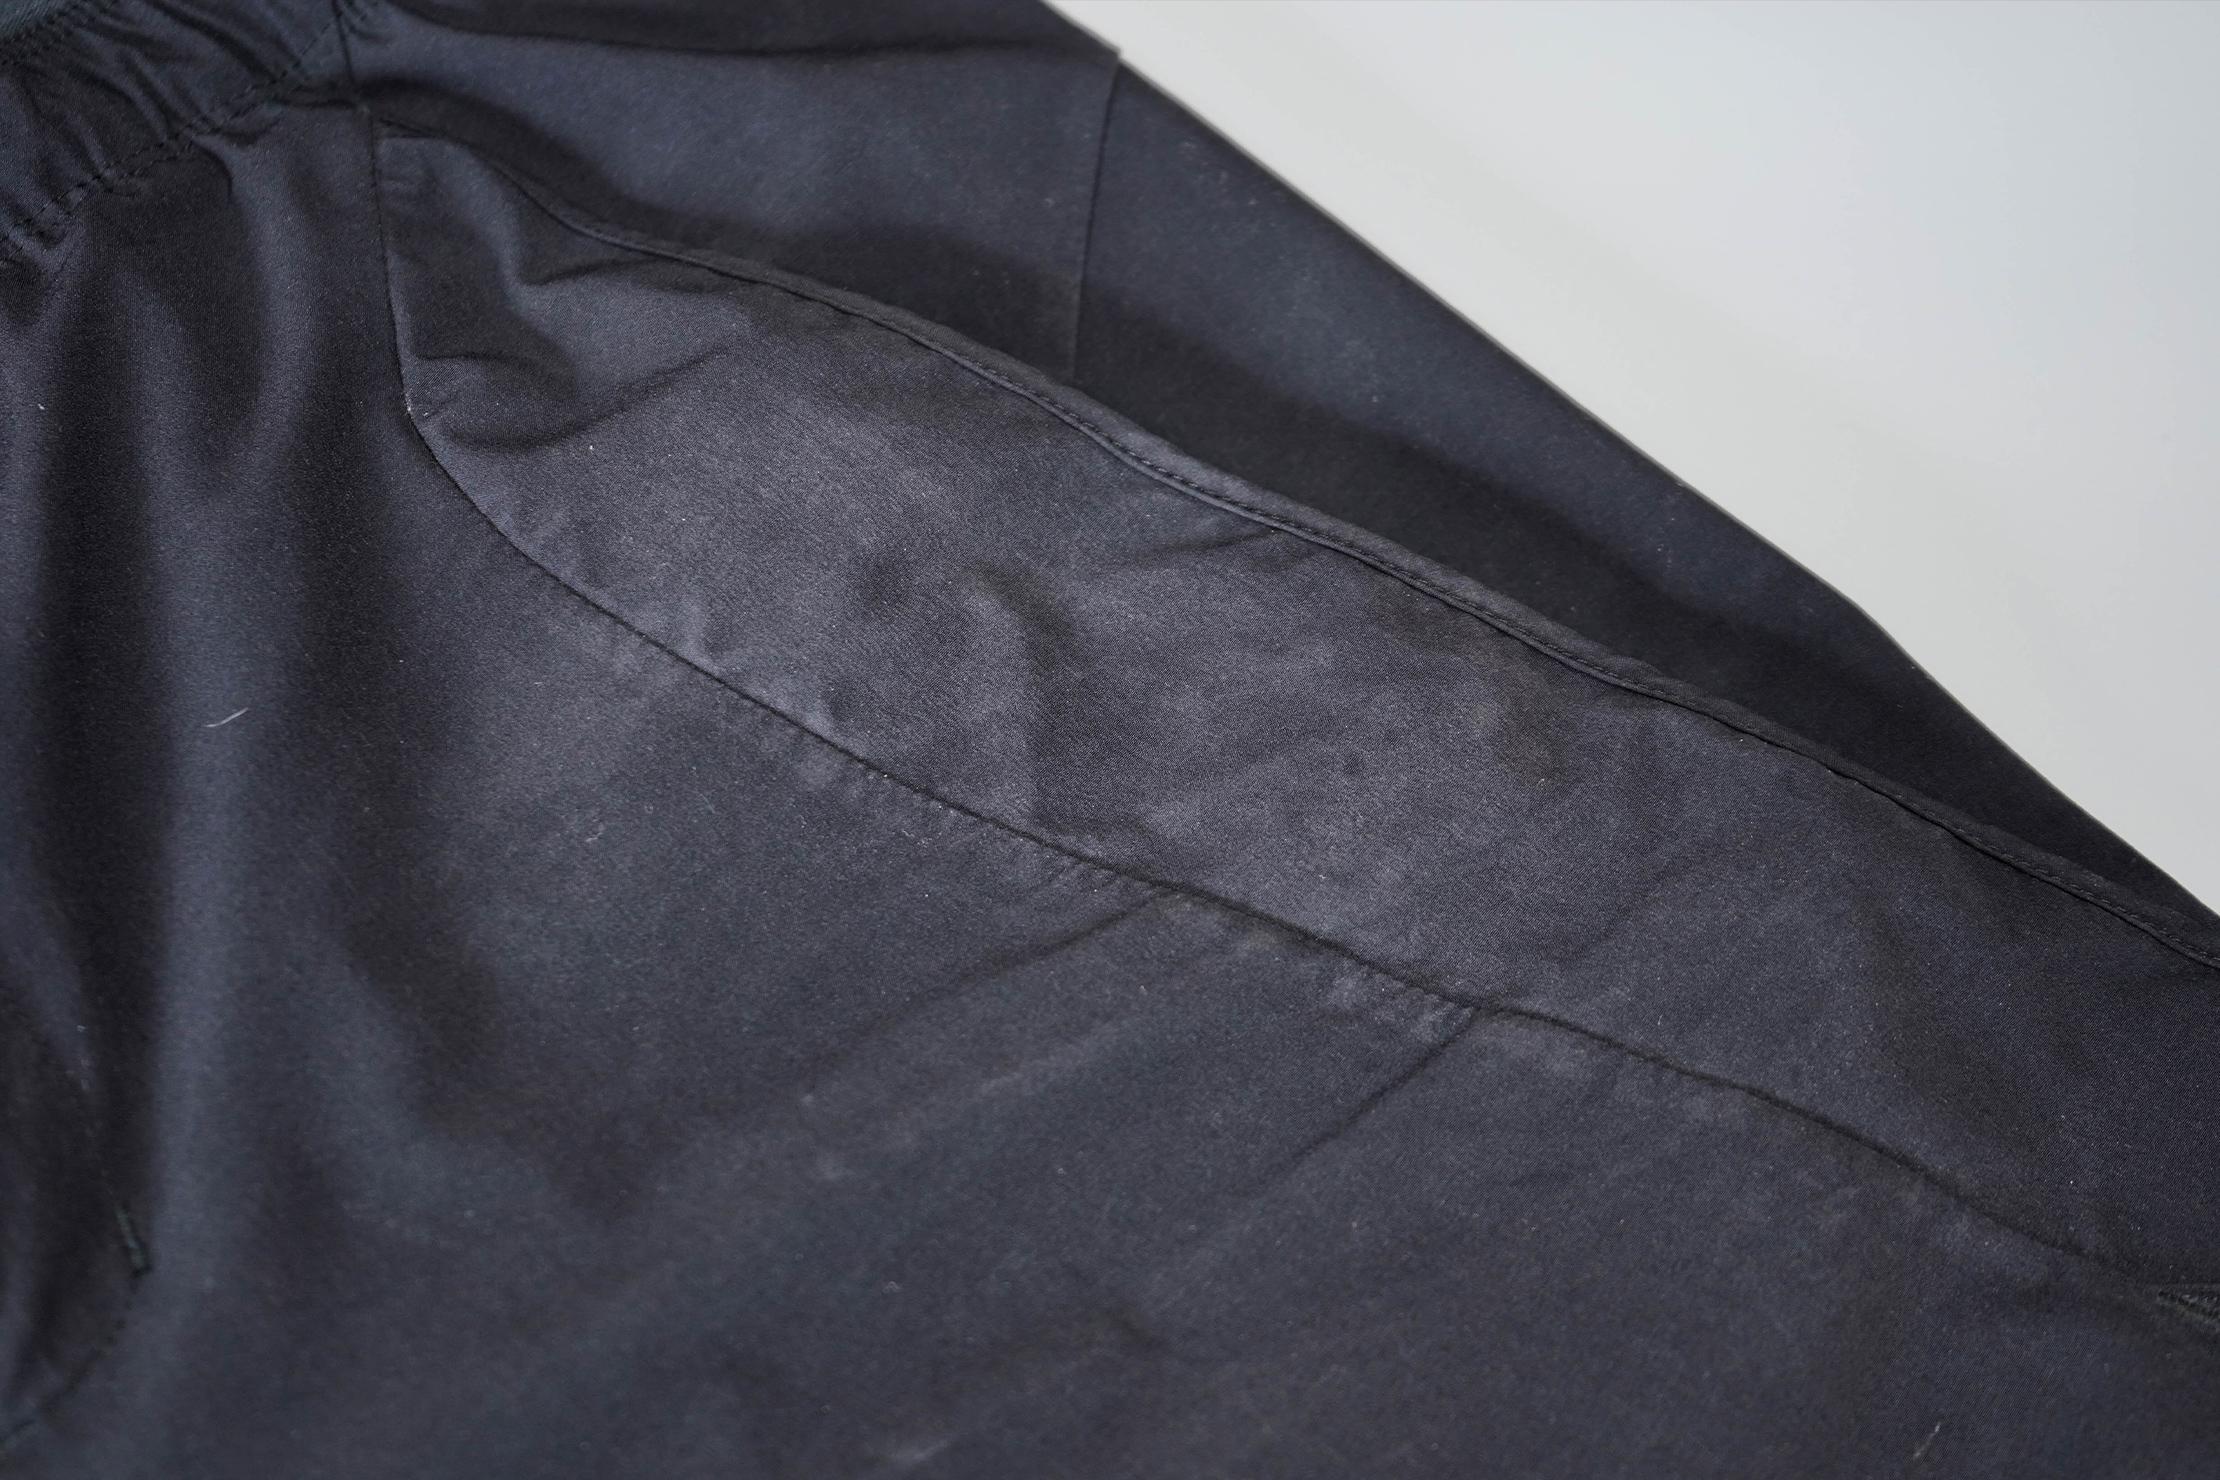 Paskho Ability Modern Traveler Pants White Marks